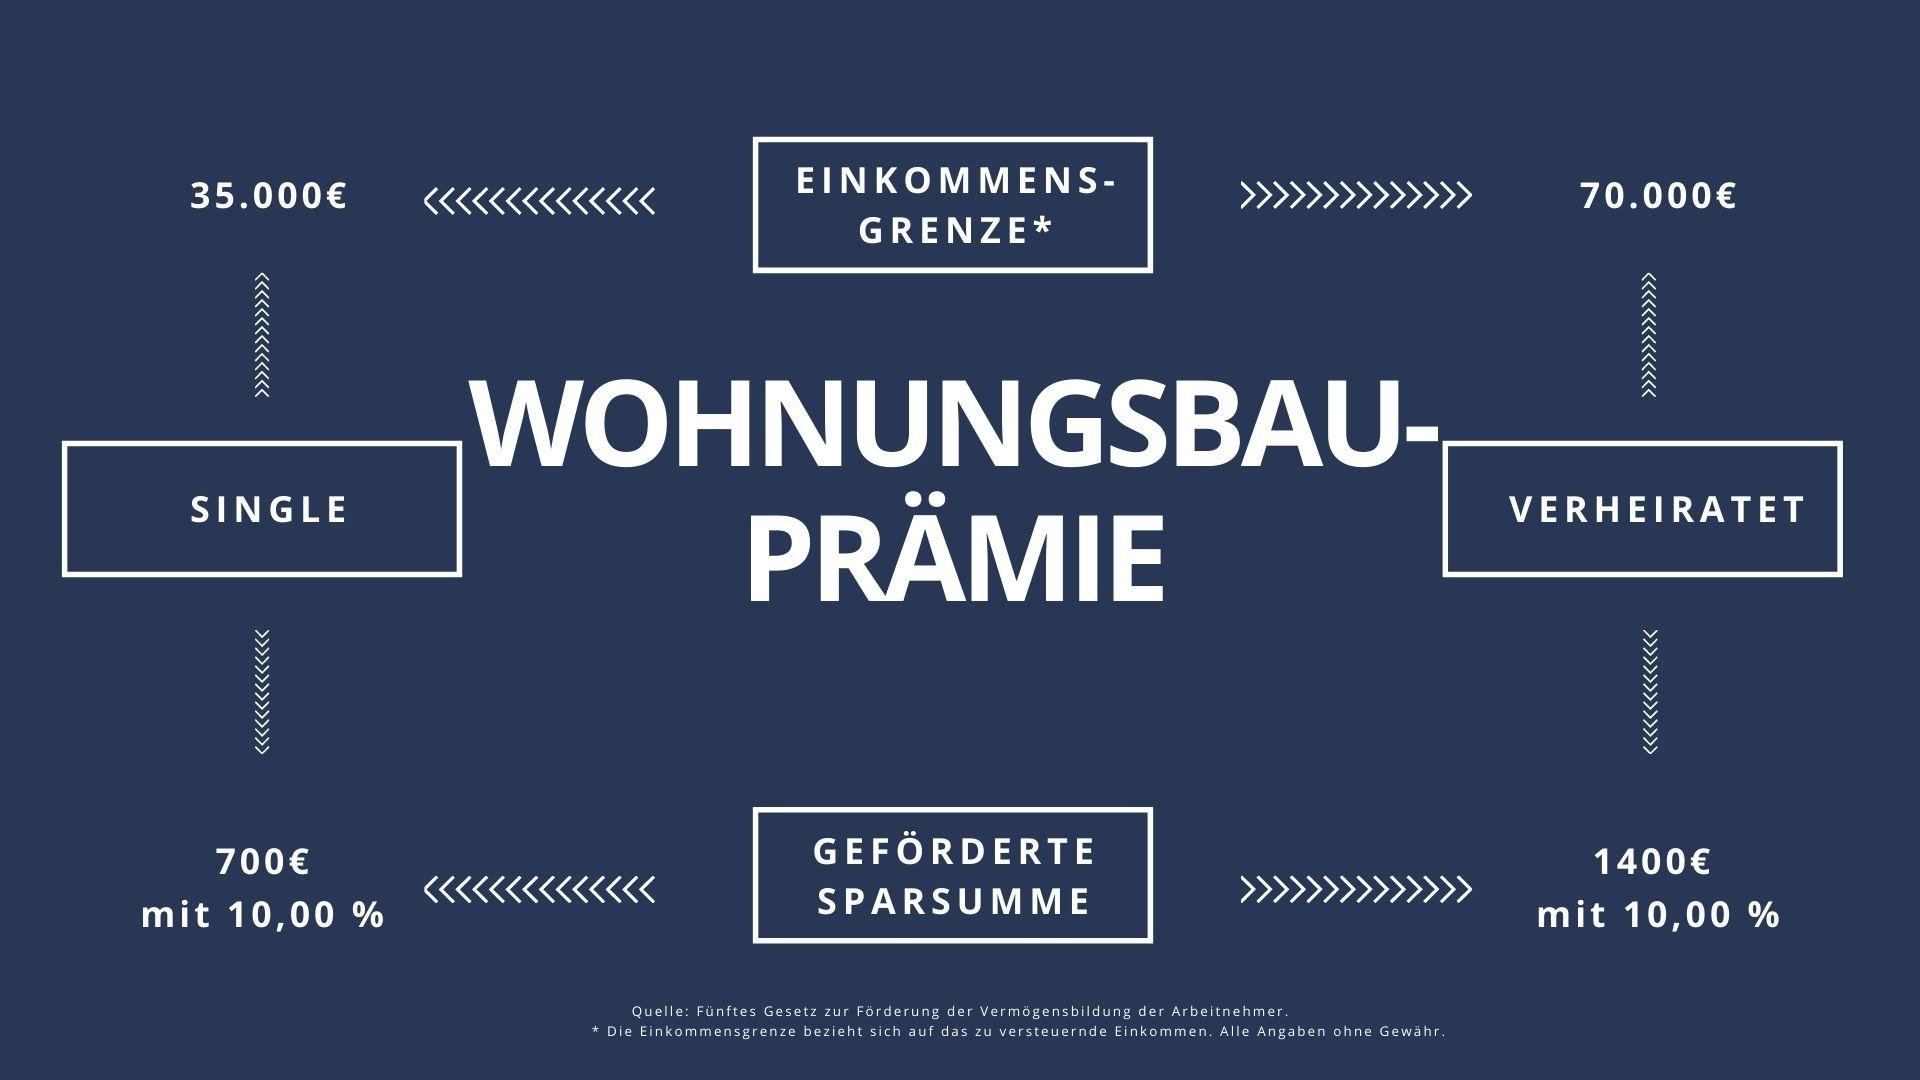 Wohnungsbauprämie Bausparvertrag, Vermögenswirksame Leistungen Saarland